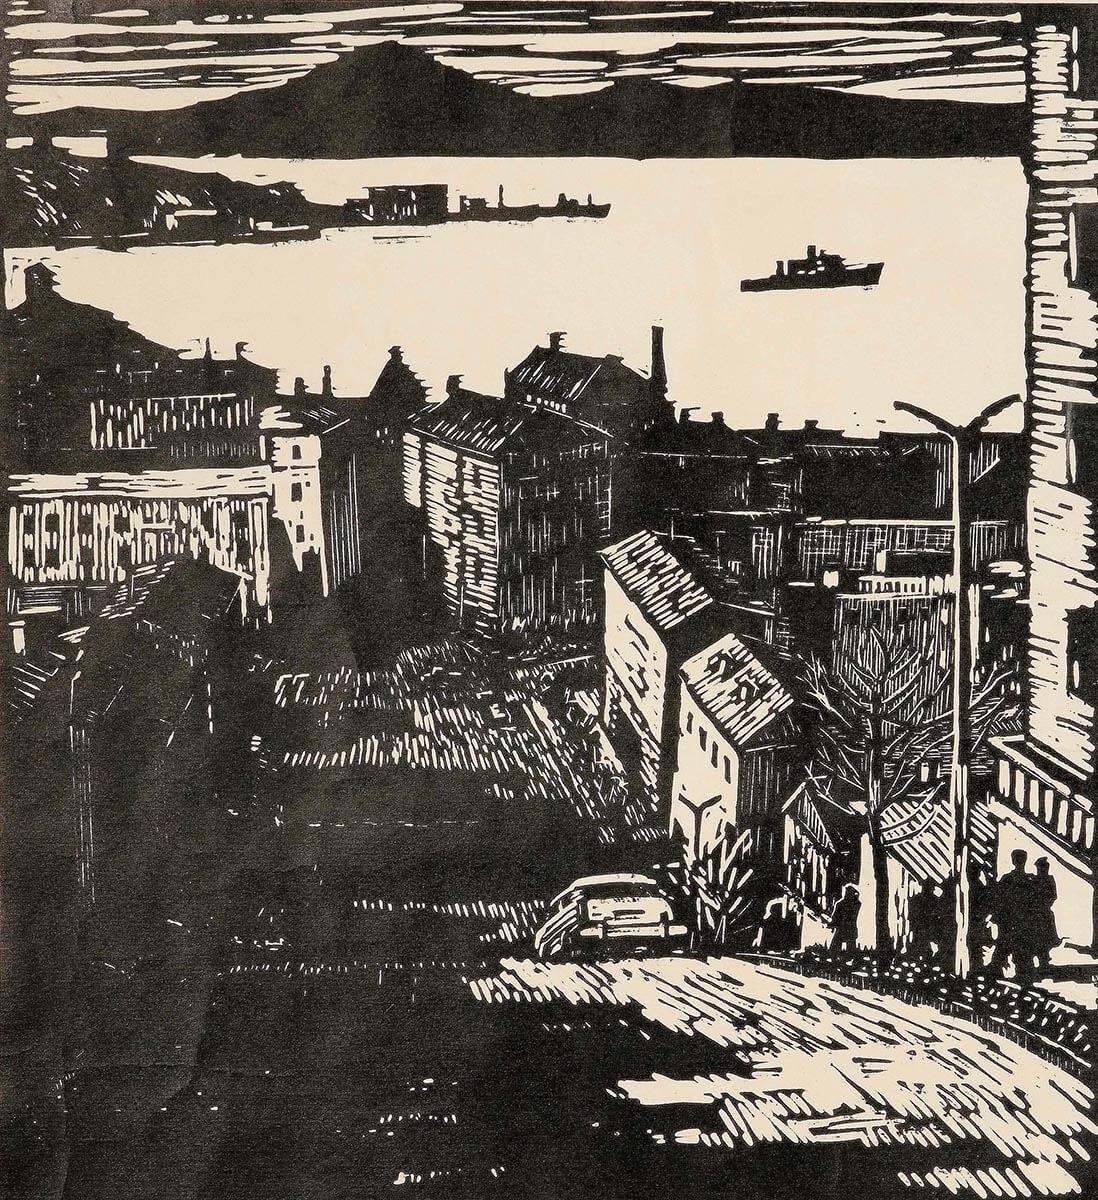 В.И. Герасименко. Улица Владивостока. 1950-е. Линогравюра. 62.5х51.